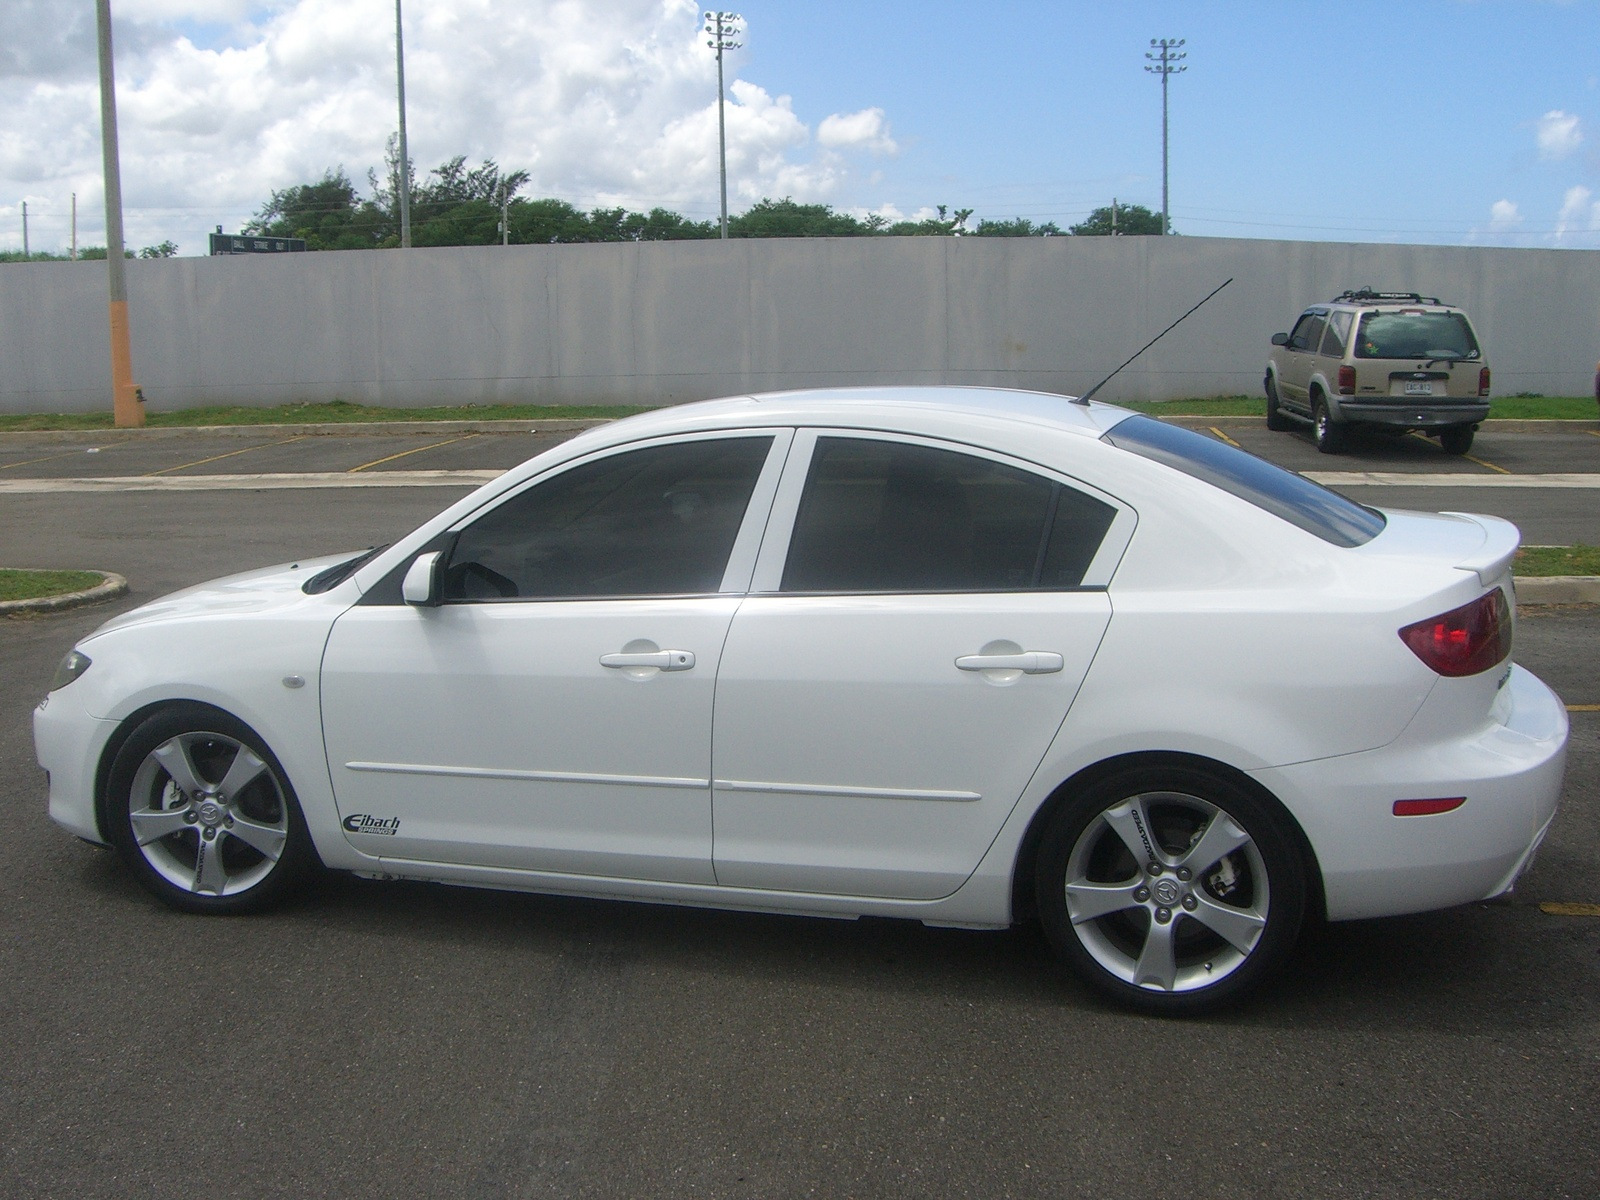 2005 Mazda Mazda3 Exterior Pictures Cargurus